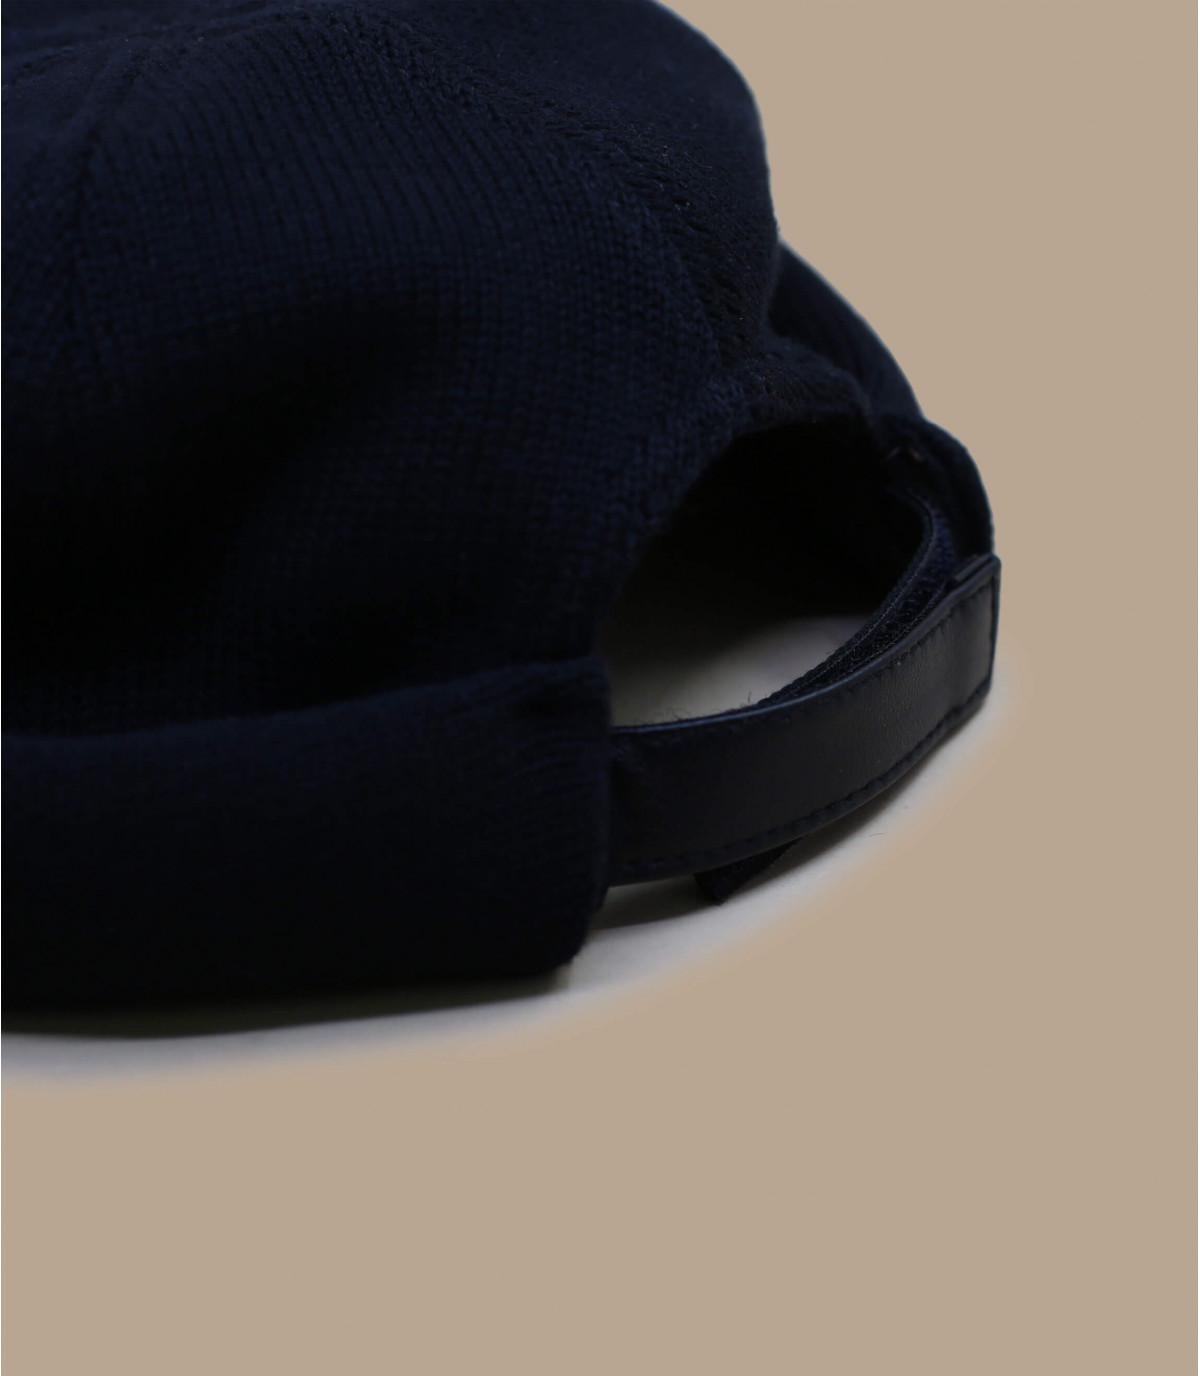 Détails Docker Cotton Knit black - image 2